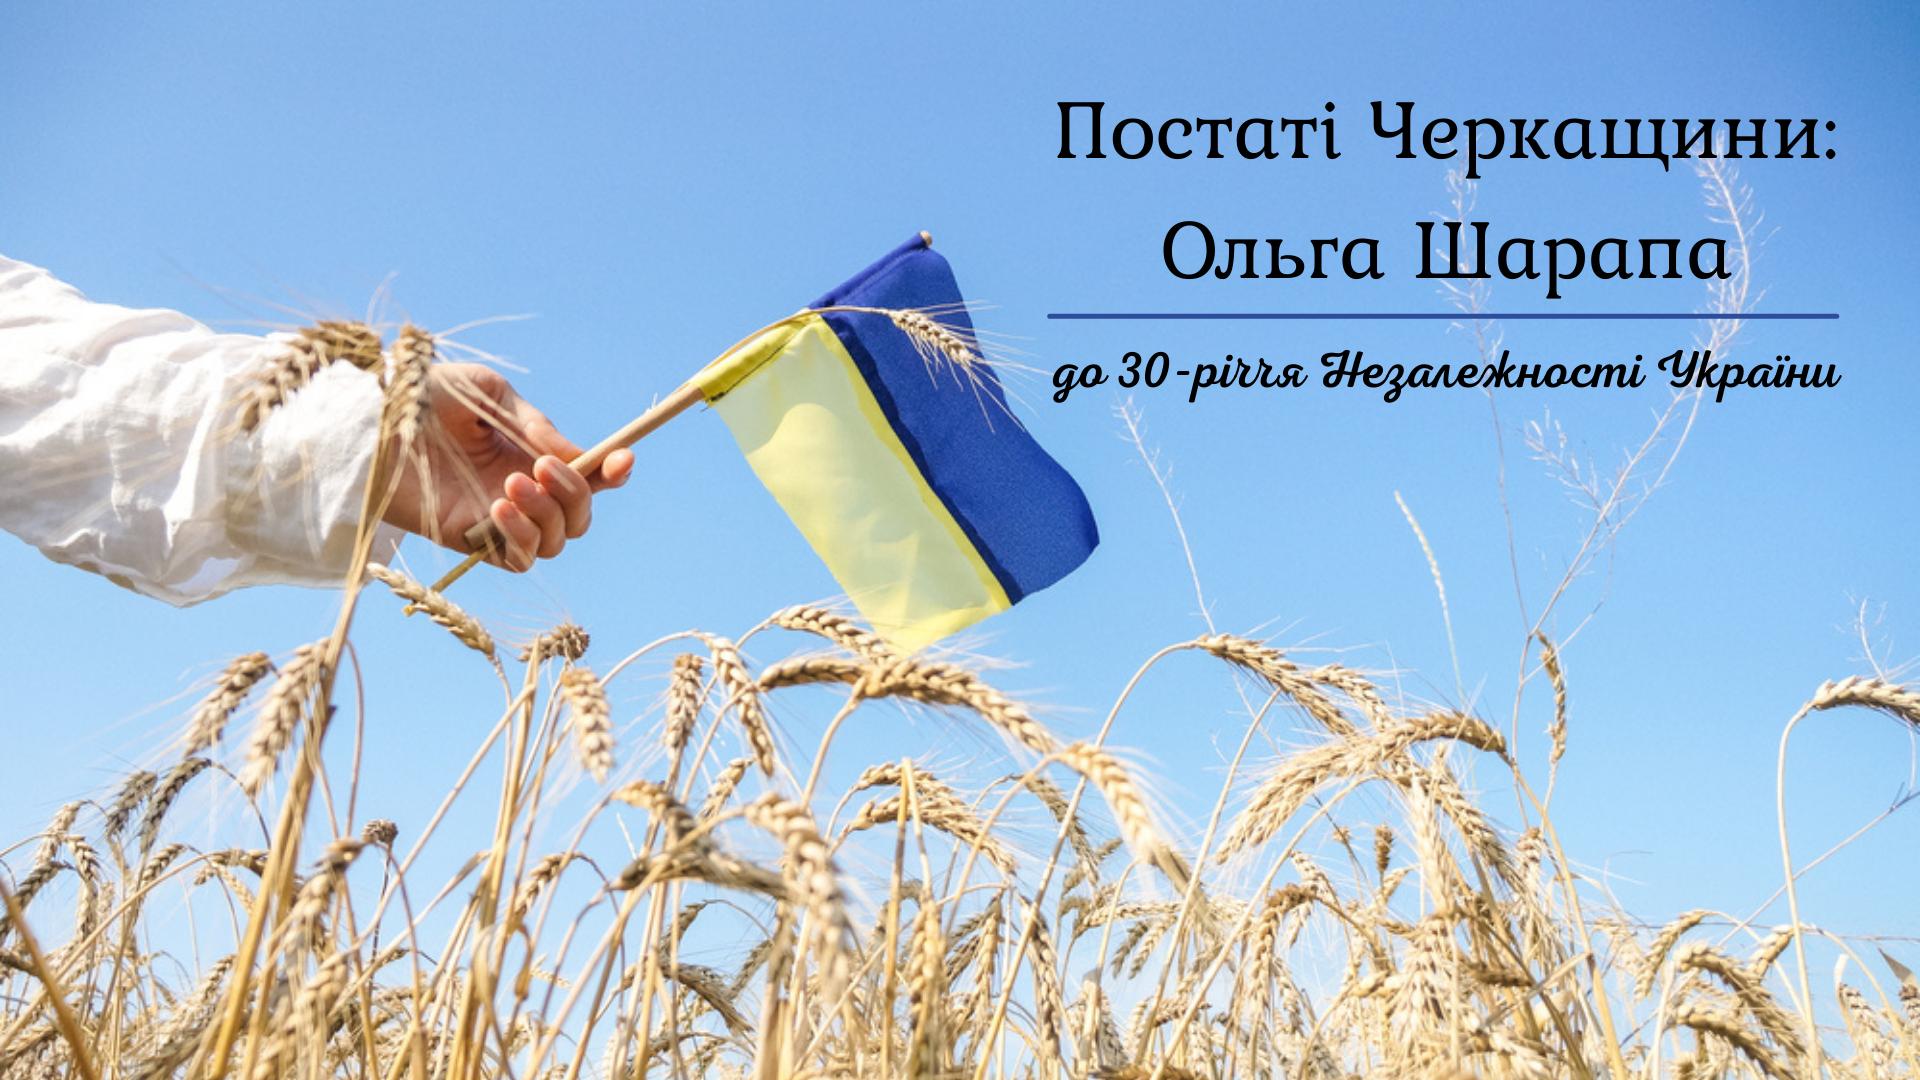 Постаті Черкащини: Ольга Шарапа. До 30-річчя Незалежності України